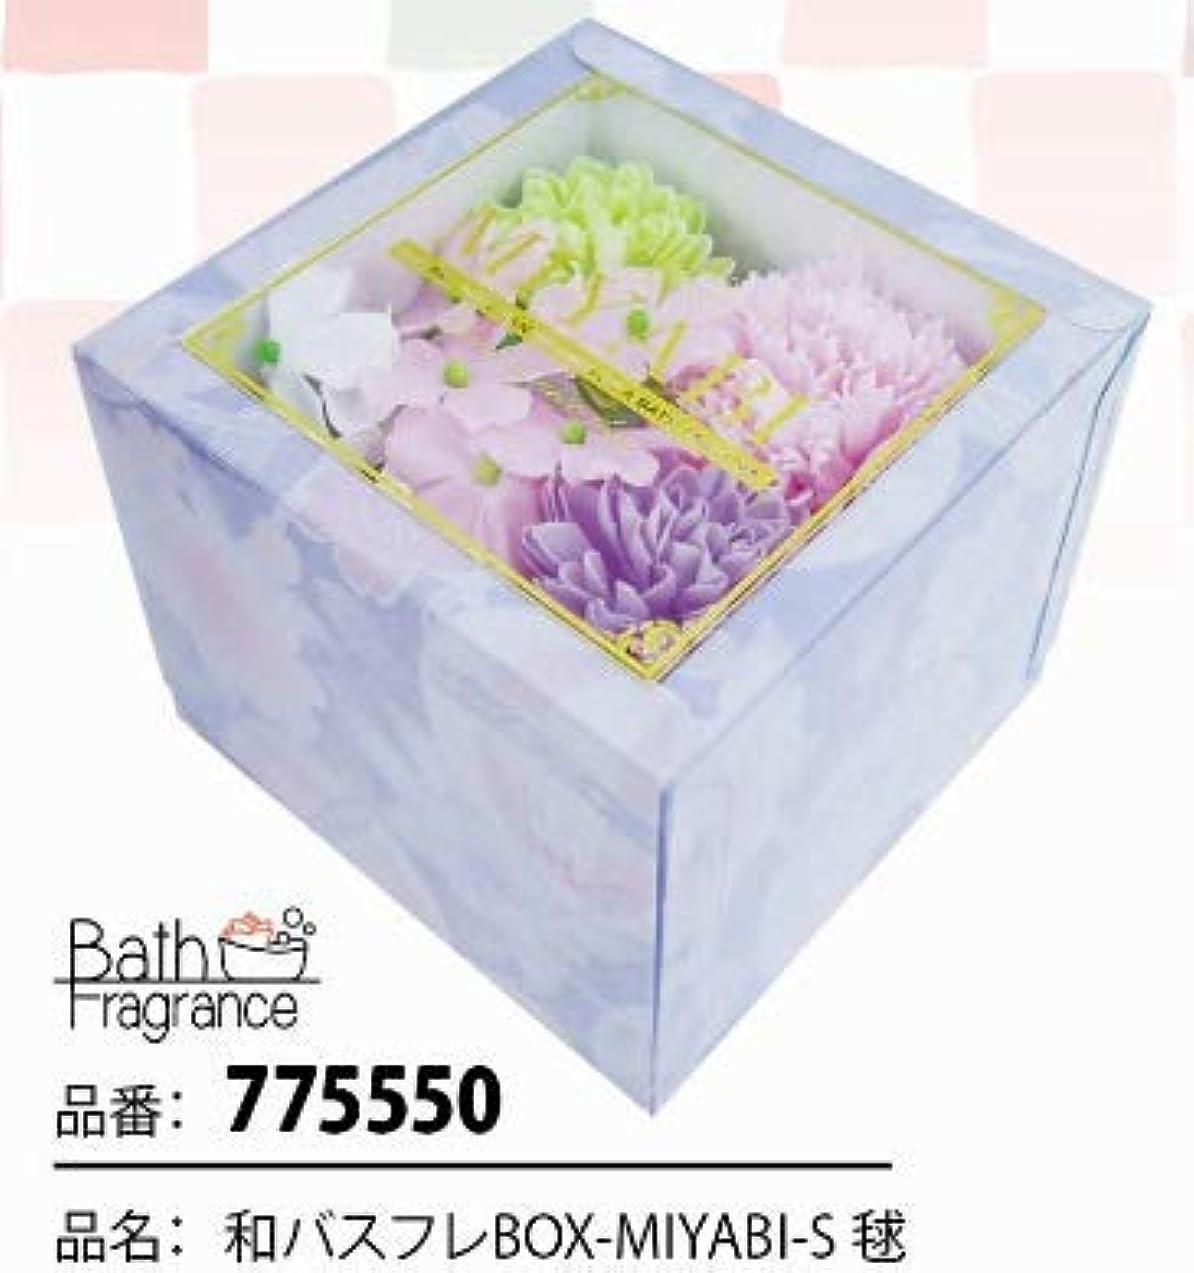 処方そよ風保守可能花のカタチの入浴剤 和バスフレBOX-MIYABI-S毬 775550